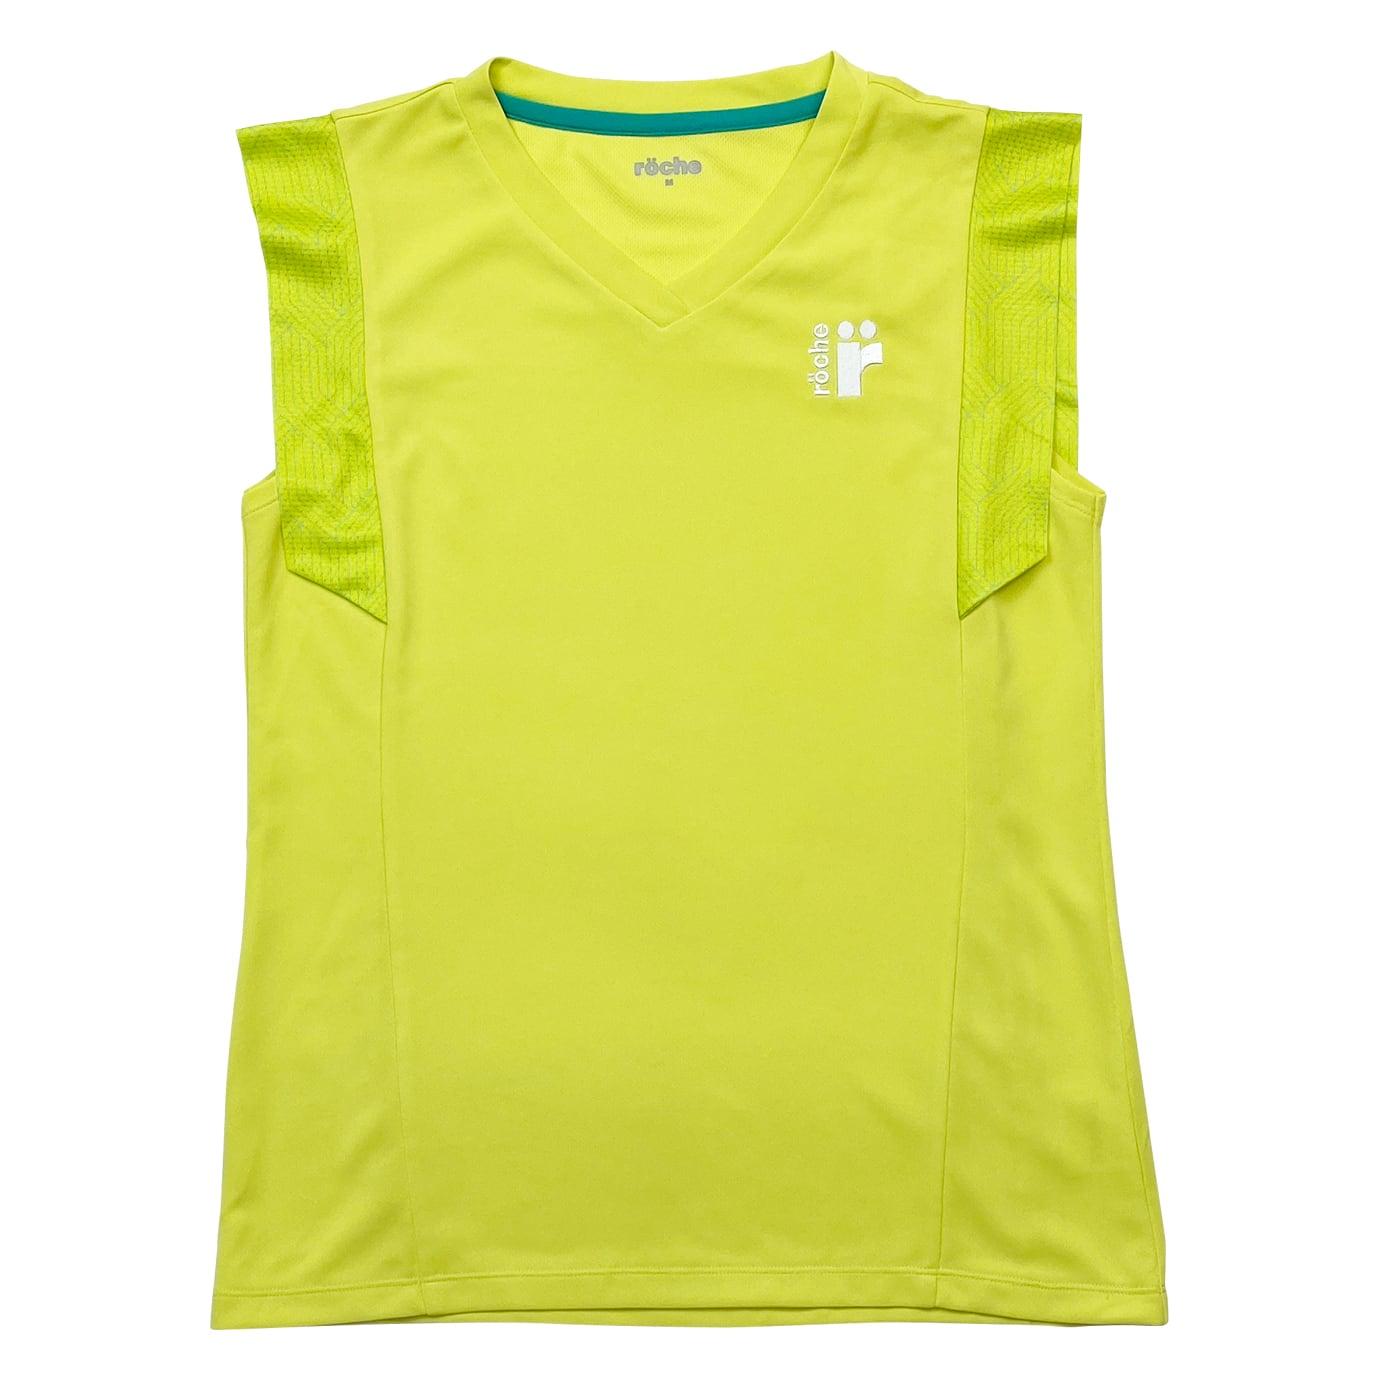 RB361レディースゲームシャツ